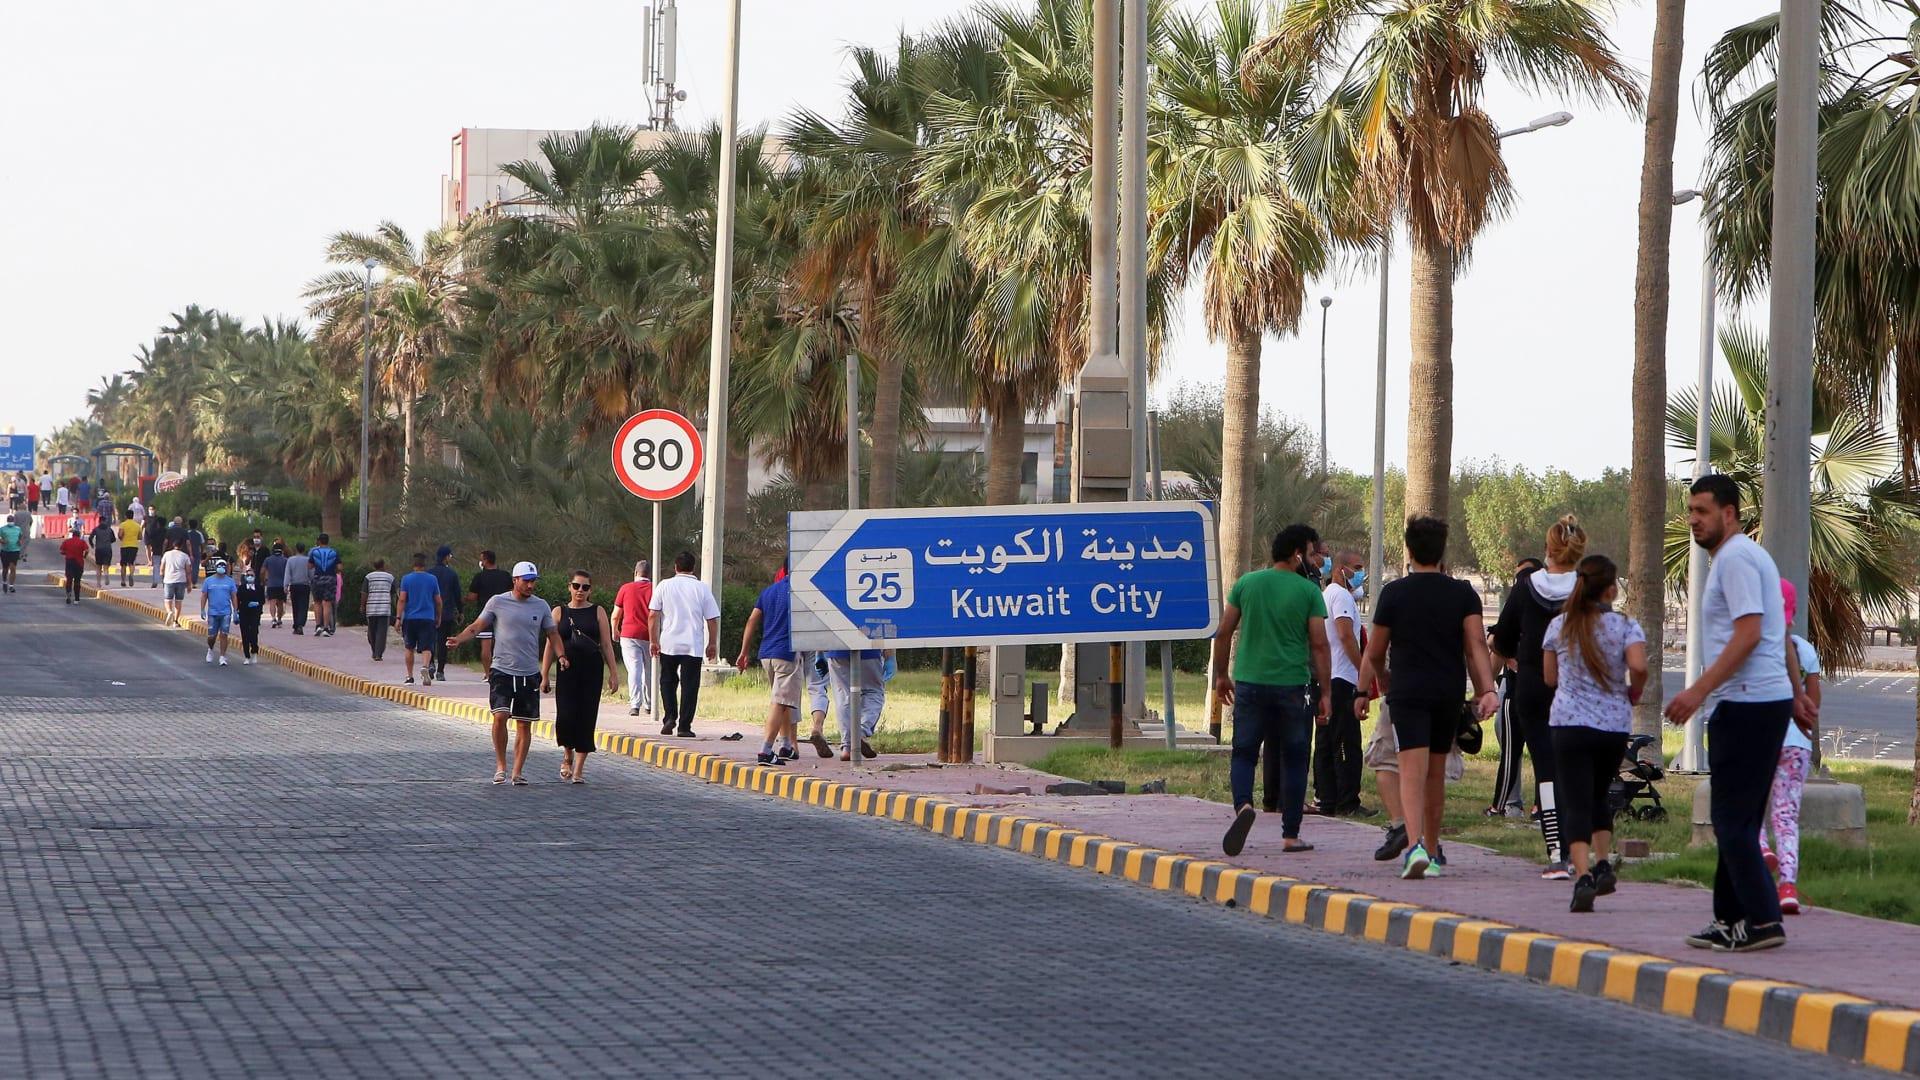 الكويت: مشروع قانون لتغيير تركيبة السكان والجنسيات على أراضيها